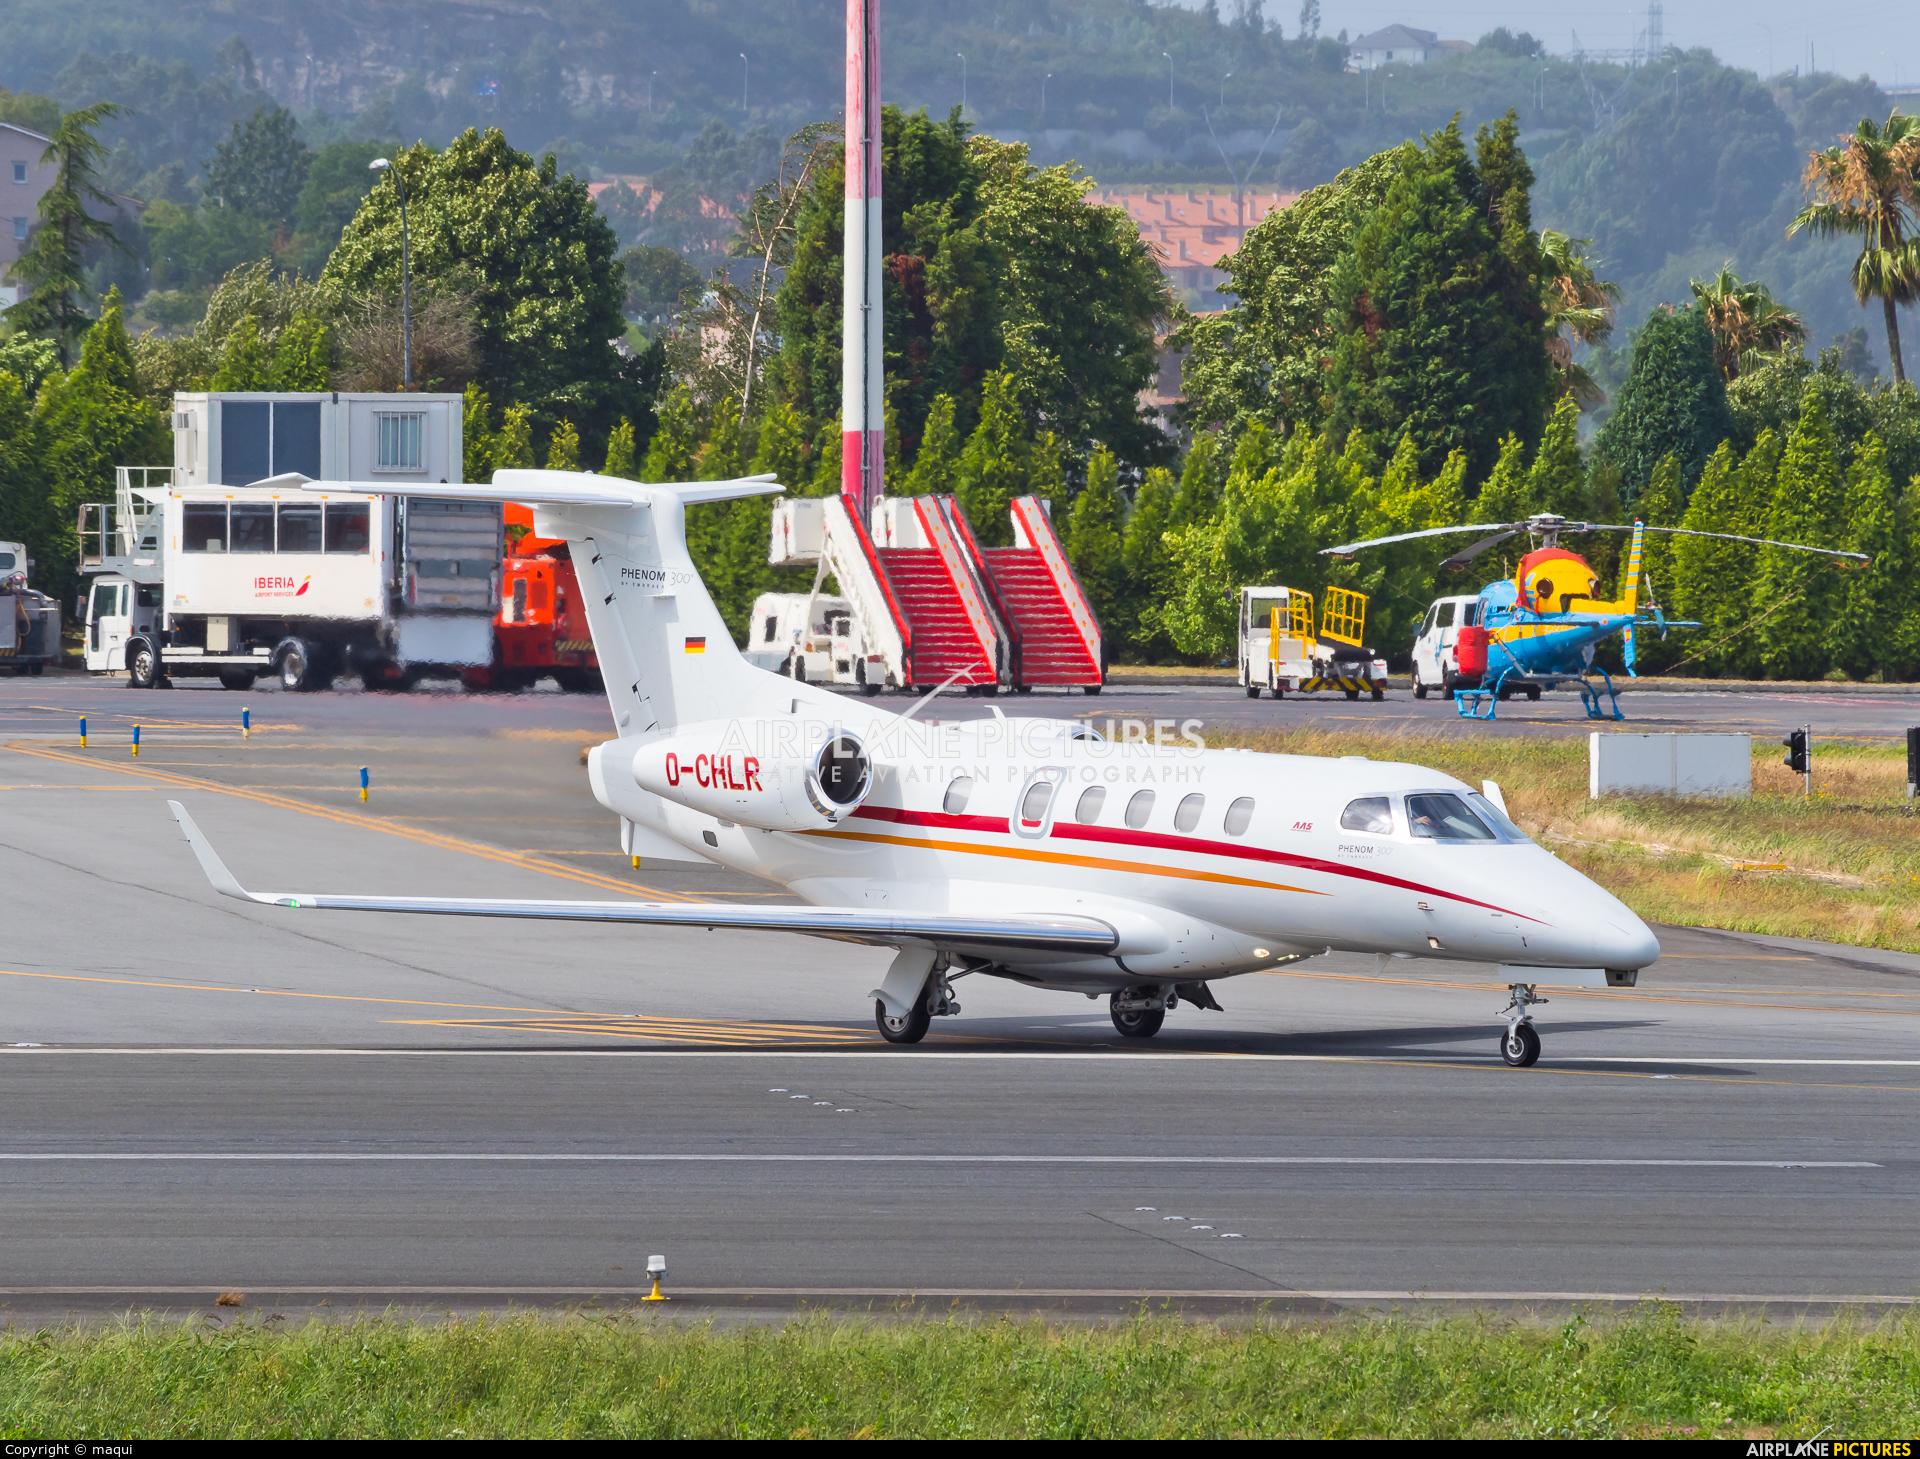 Atlas Air Serice D-CHLR aircraft at La Coruña